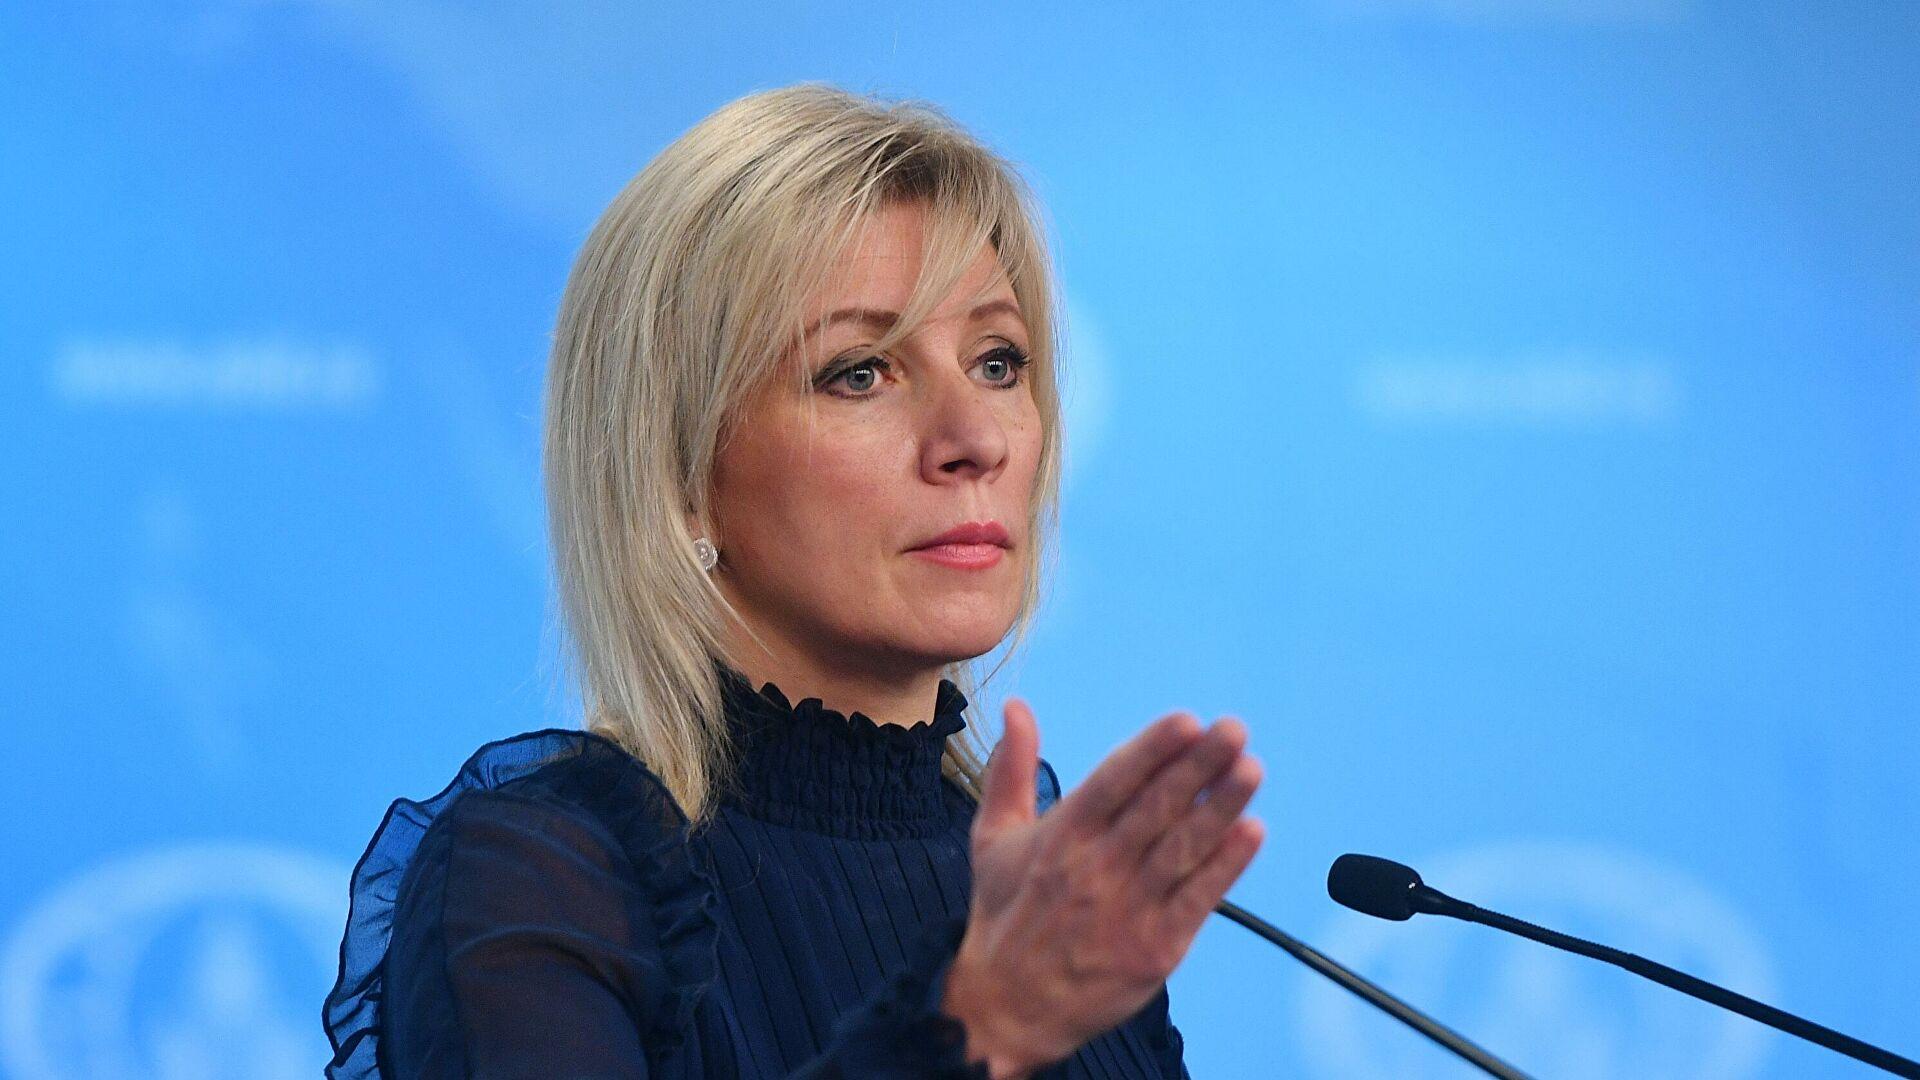 Захарова: Москва инсистира да се удовољи новом захтеву који је Генерално тужилаштво Русије упутило Немачкој